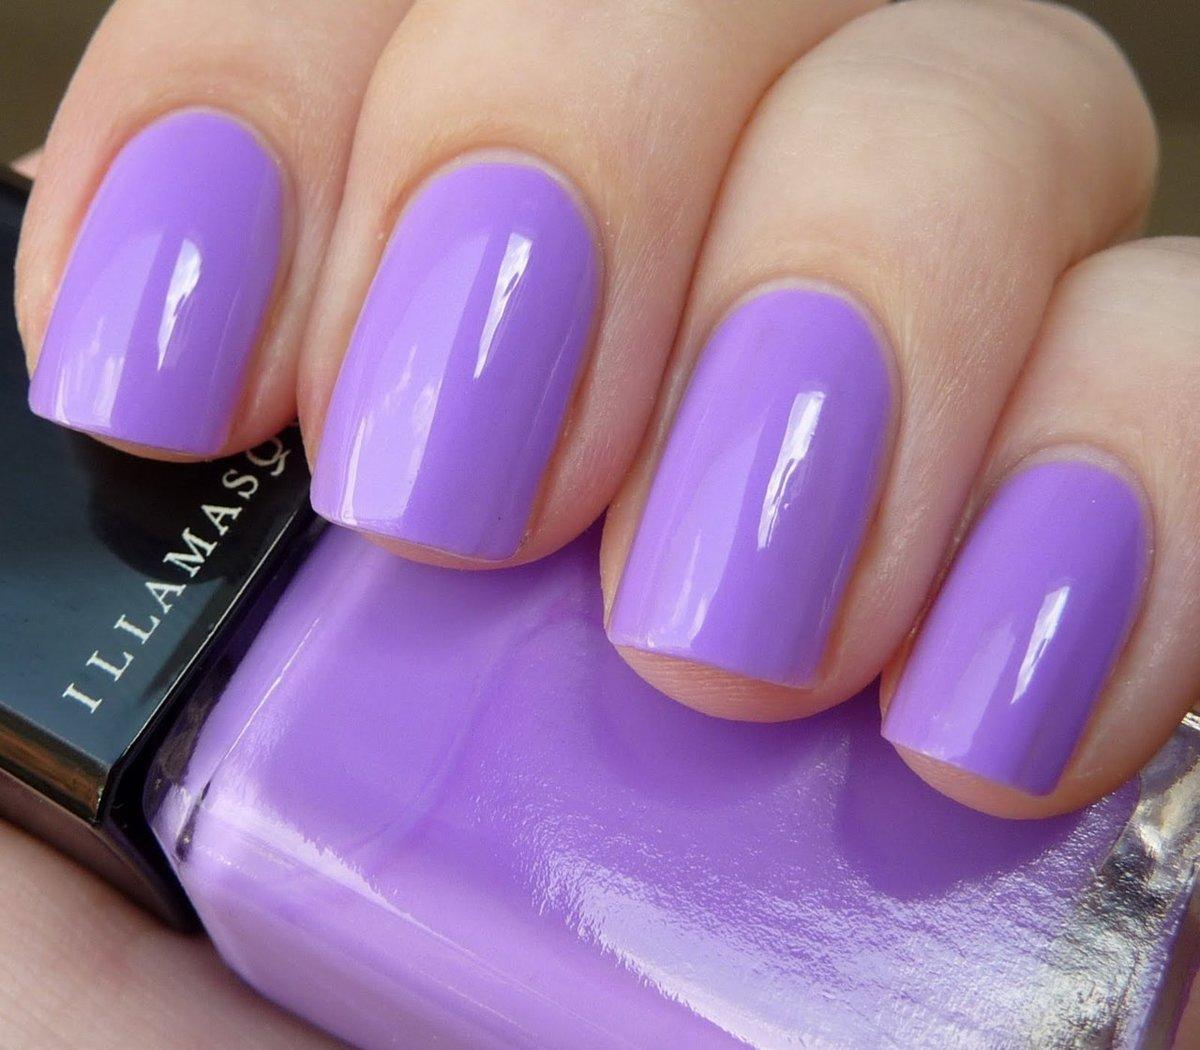 торта, цвета фиолетовый и сиреневый фото один